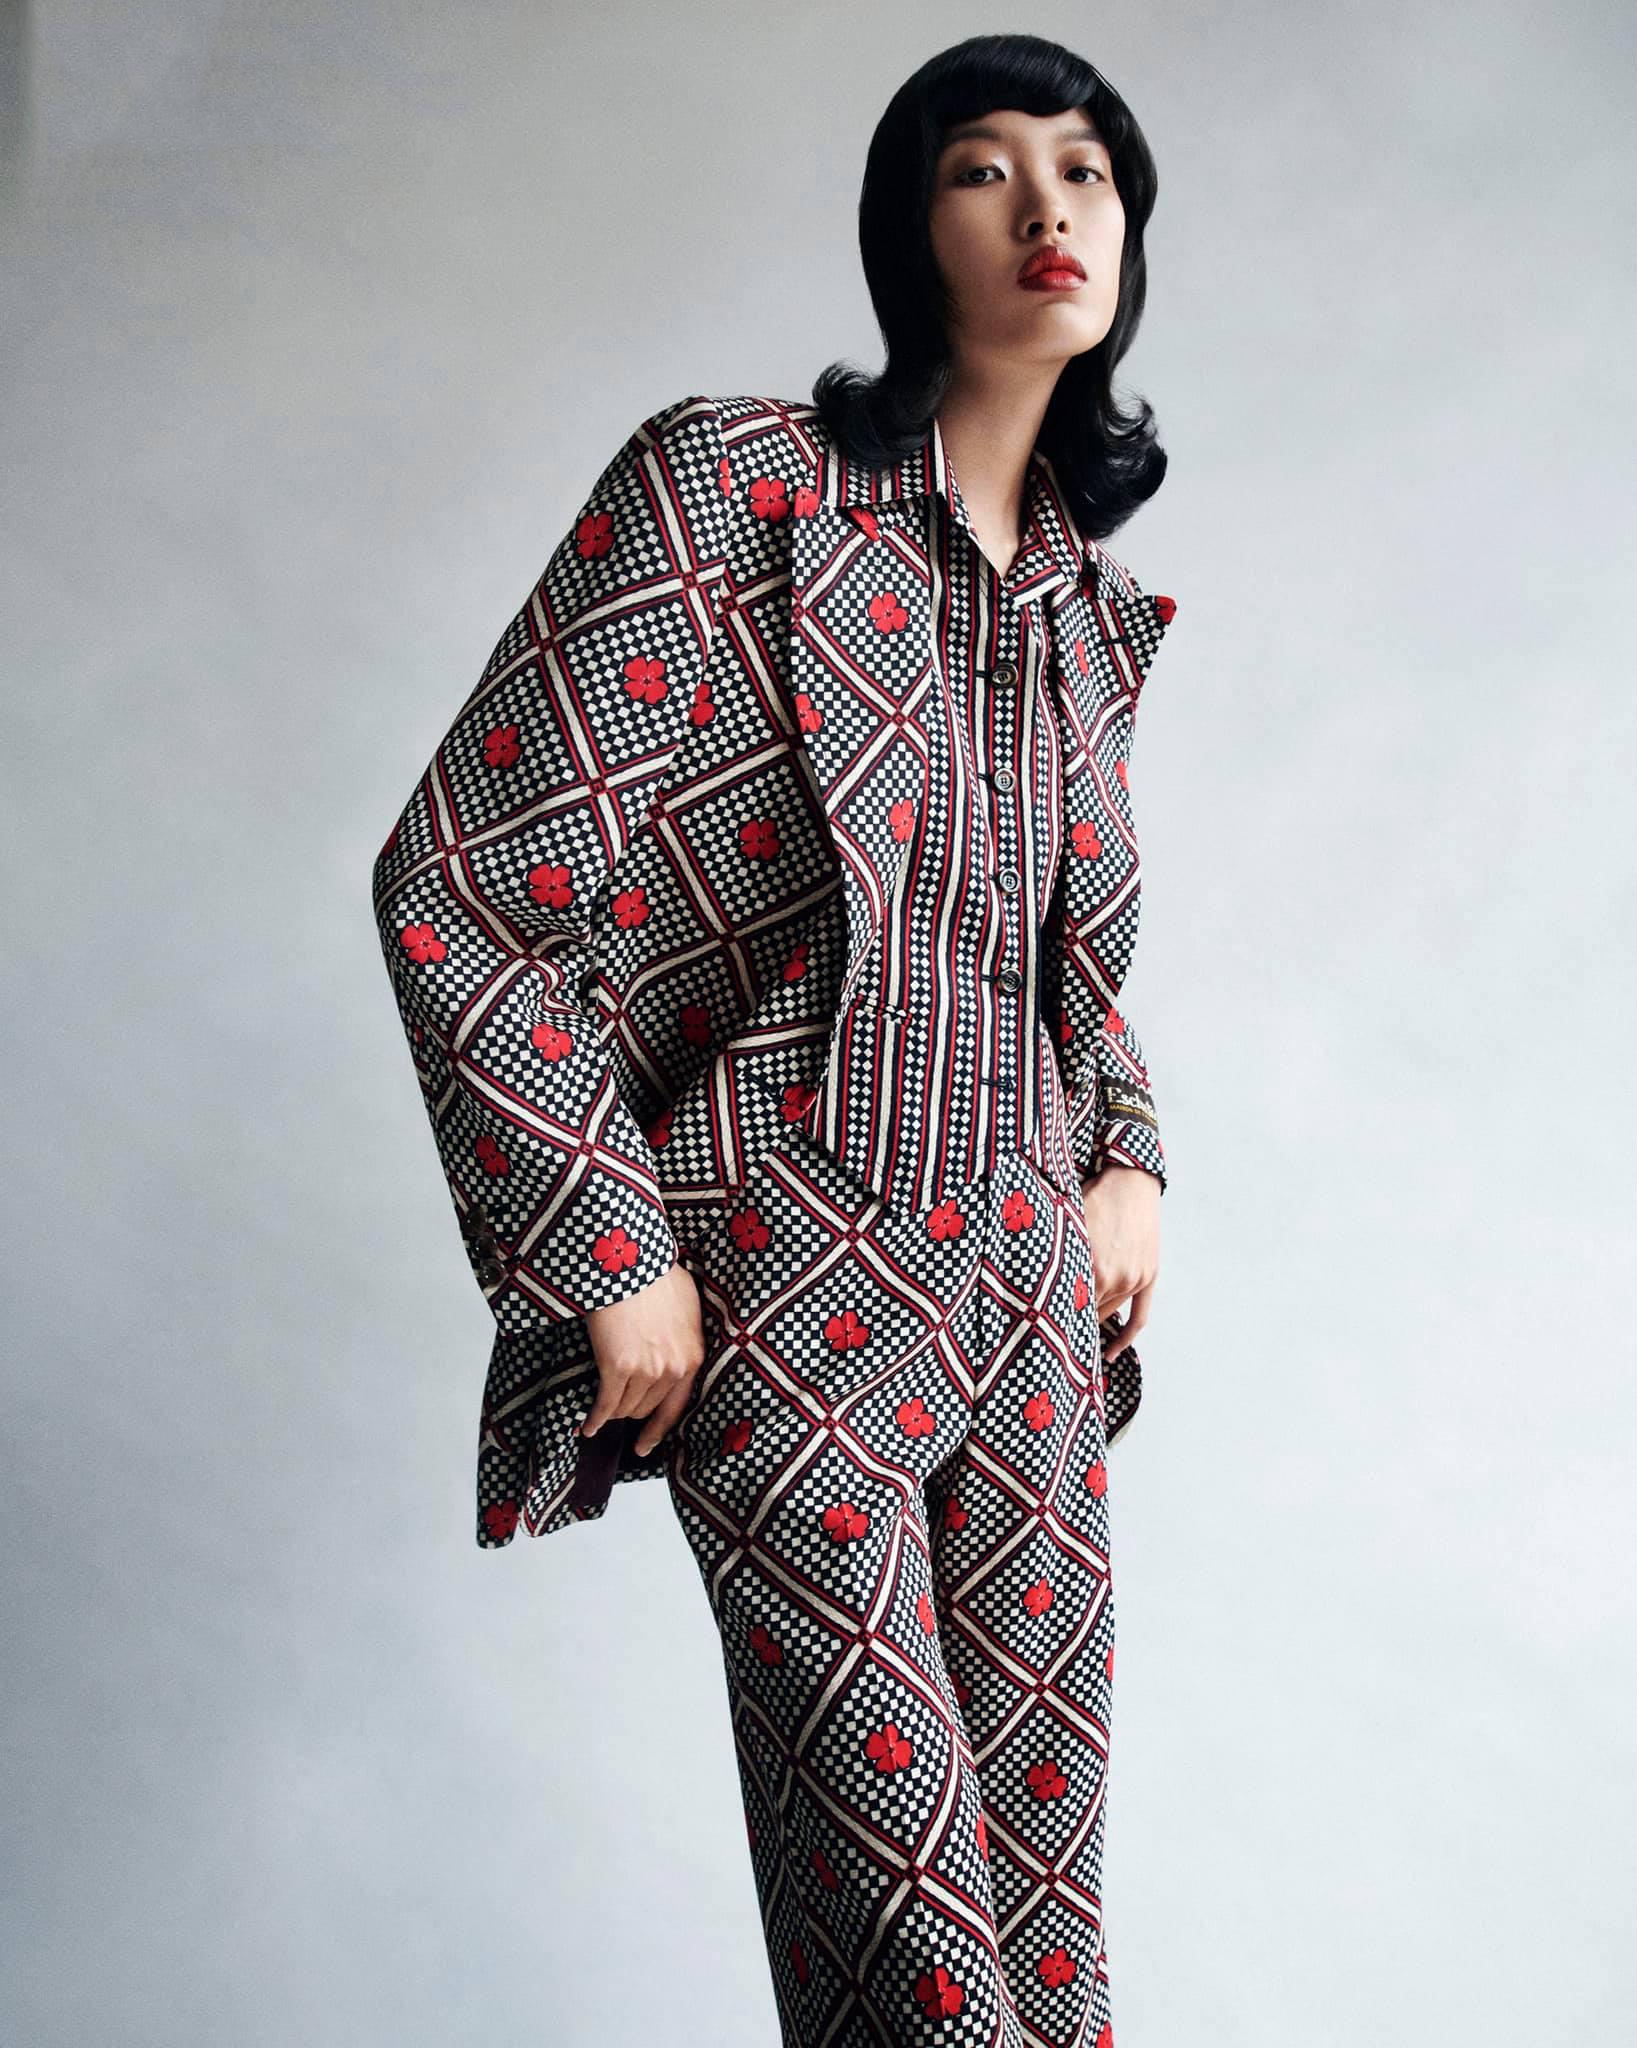 HOT: Phương Oanh next top lên hẳn bìa Vogue, câu cà khịa VNTM năm xưa bỗng được nhắc lại - Ảnh 7.